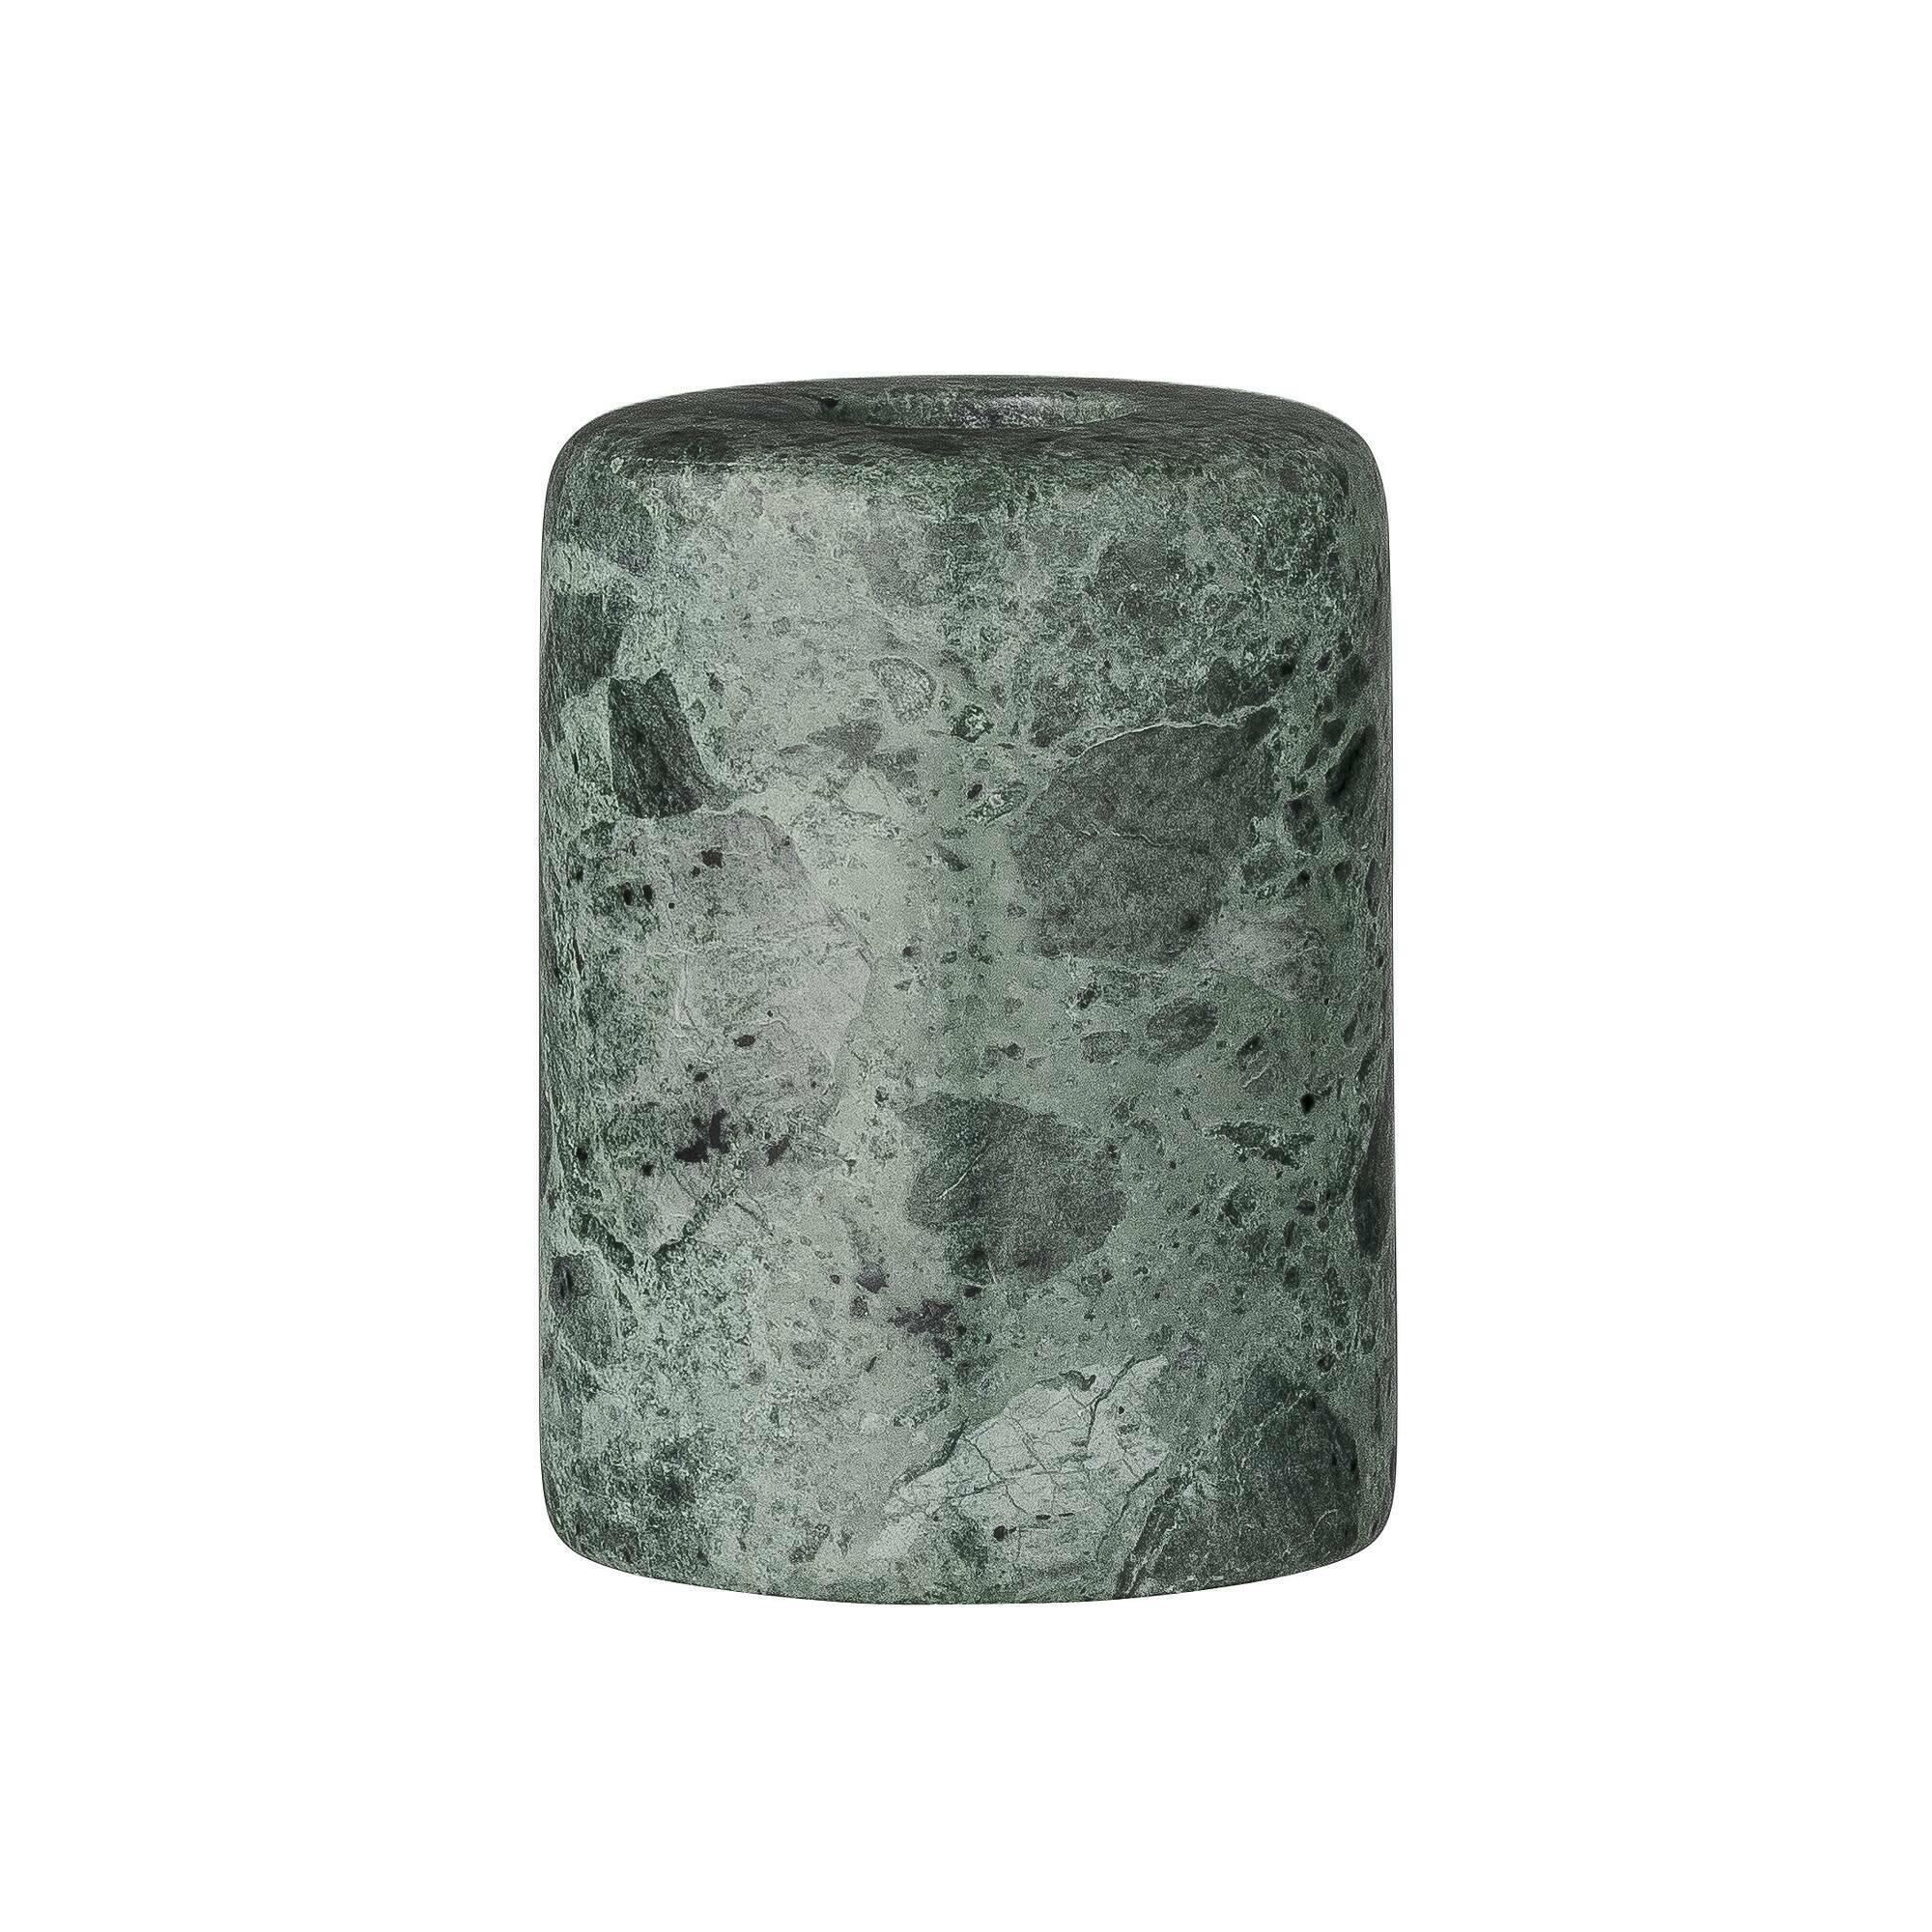 Подсвечник Green MarbleПодсвечники и свечи<br><br><br>stock: 2<br>Высота: 8<br>Материал: Мрамор<br>Цвет: Зеленый<br>Диаметр: 6